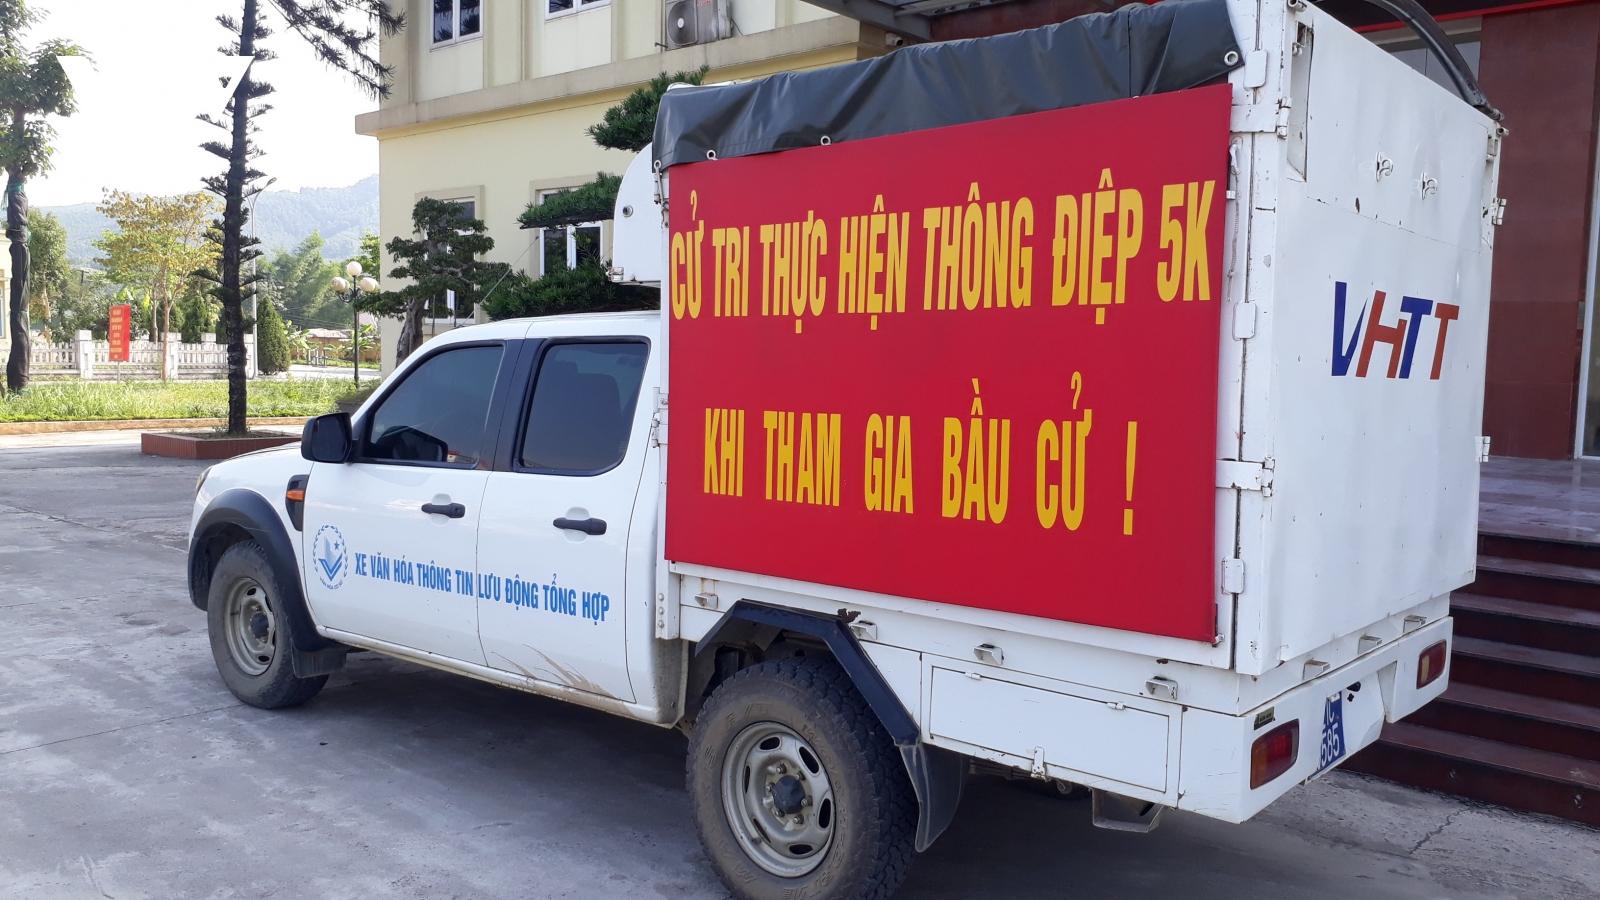 Huyện miền núi Văn Yên đồng bộ các giải pháp phòng, chống Covid-19 trước bầu cử